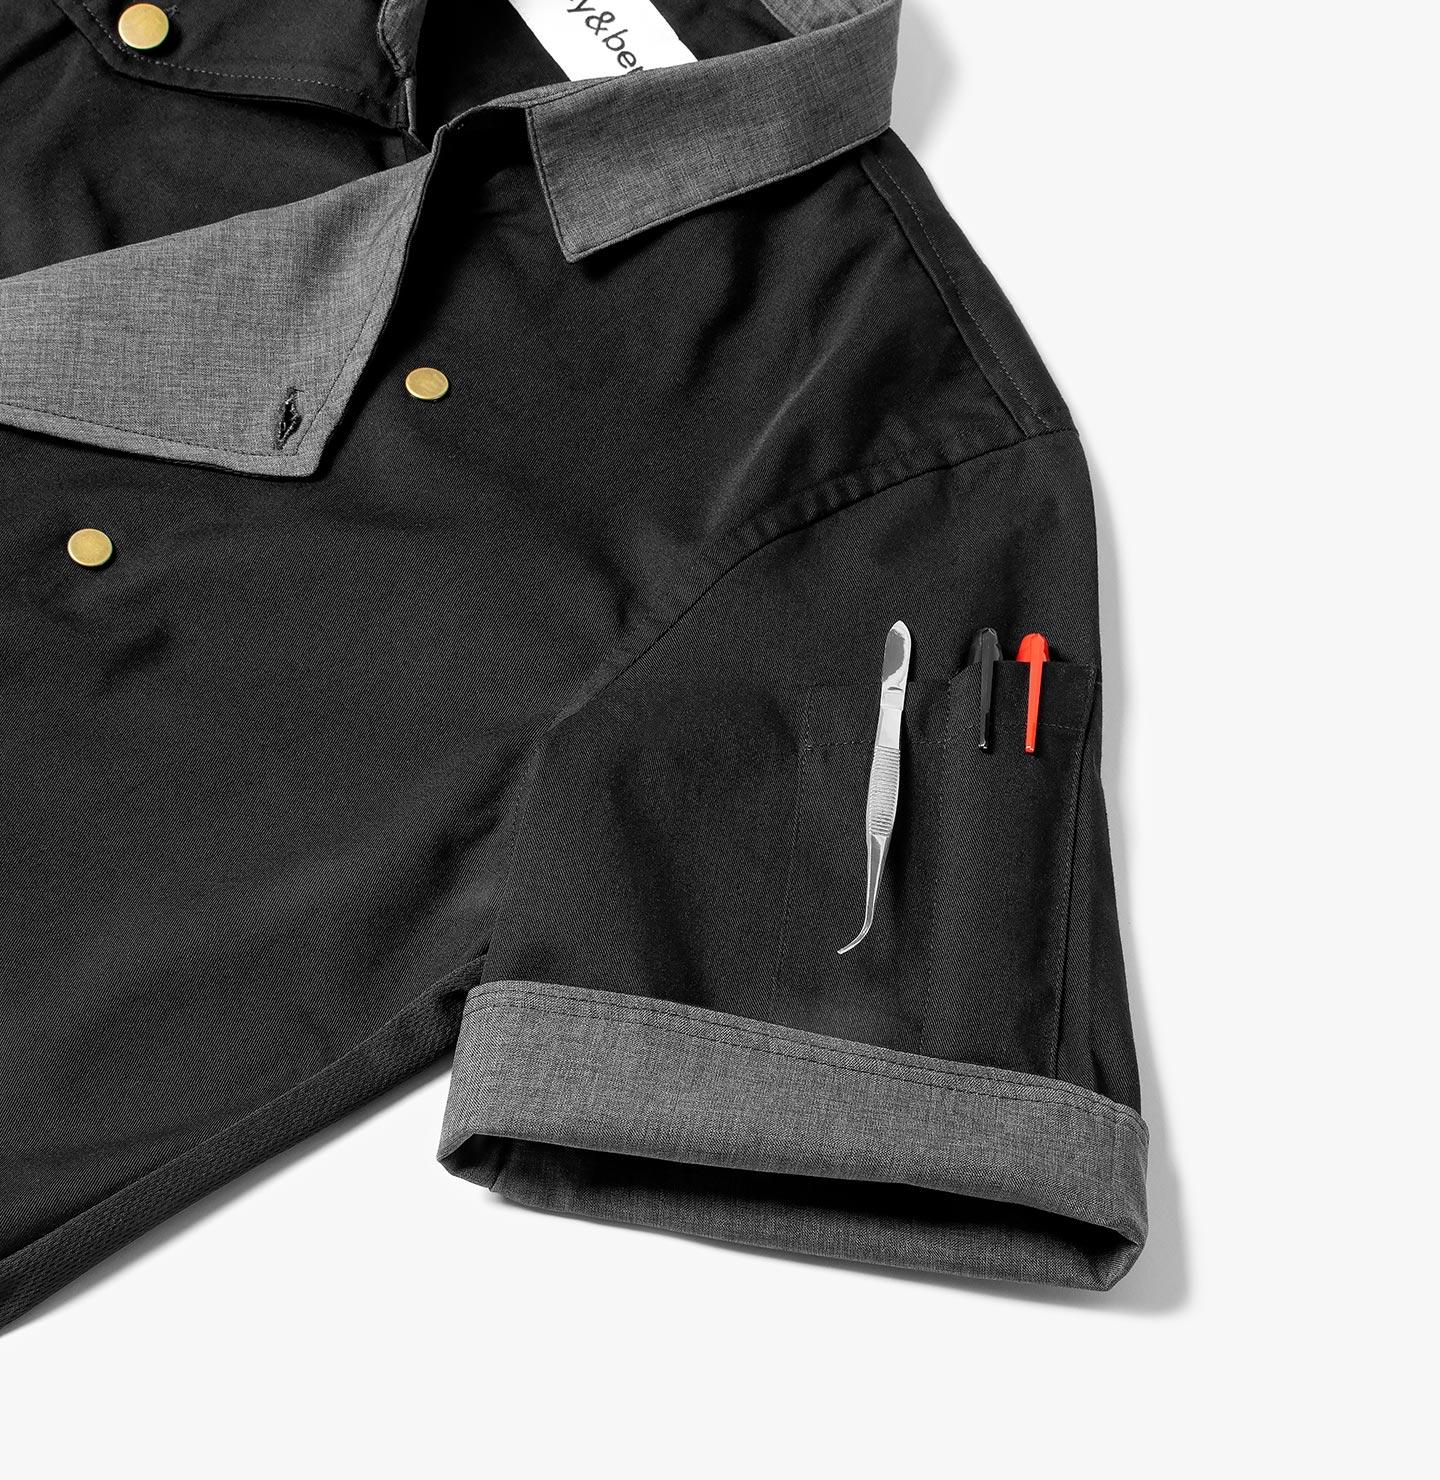 Sleeve Pocket for Tweezers